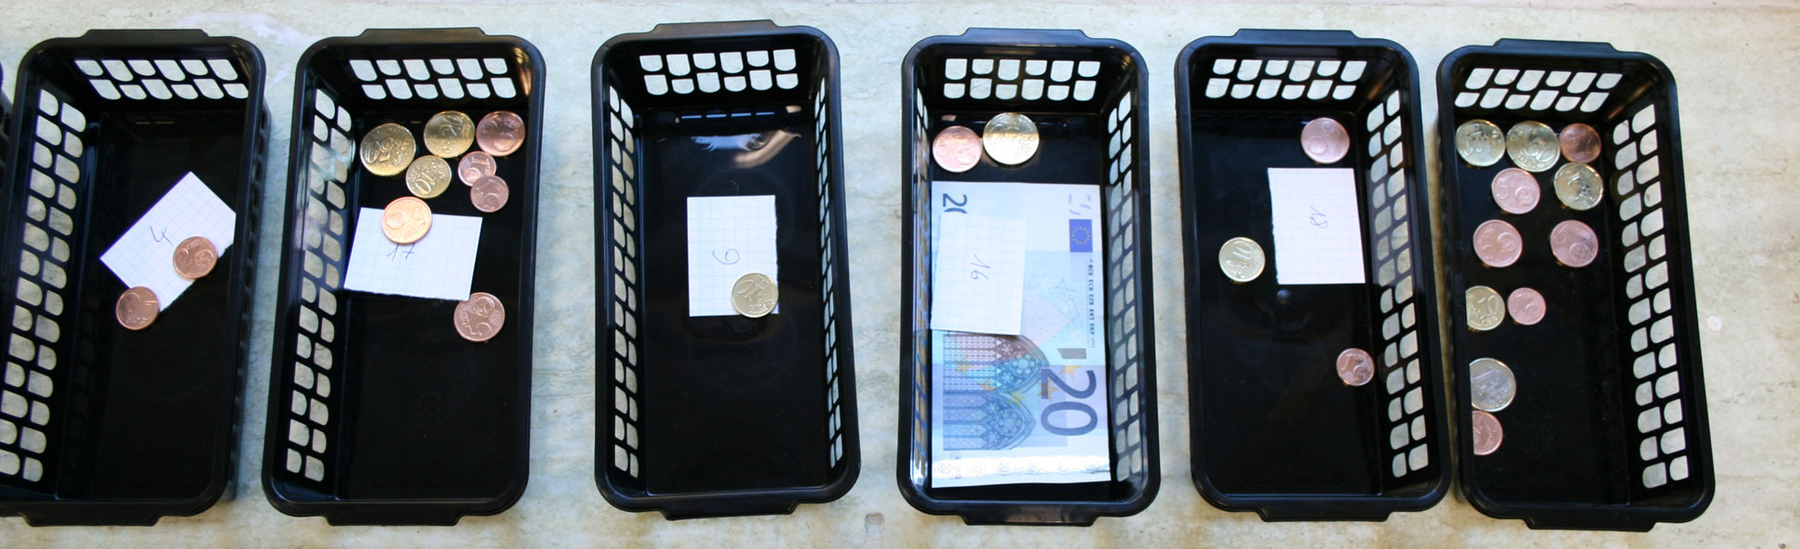 Philipp Valenta - Körbe mit zur Abholung bereitstehendem Geld